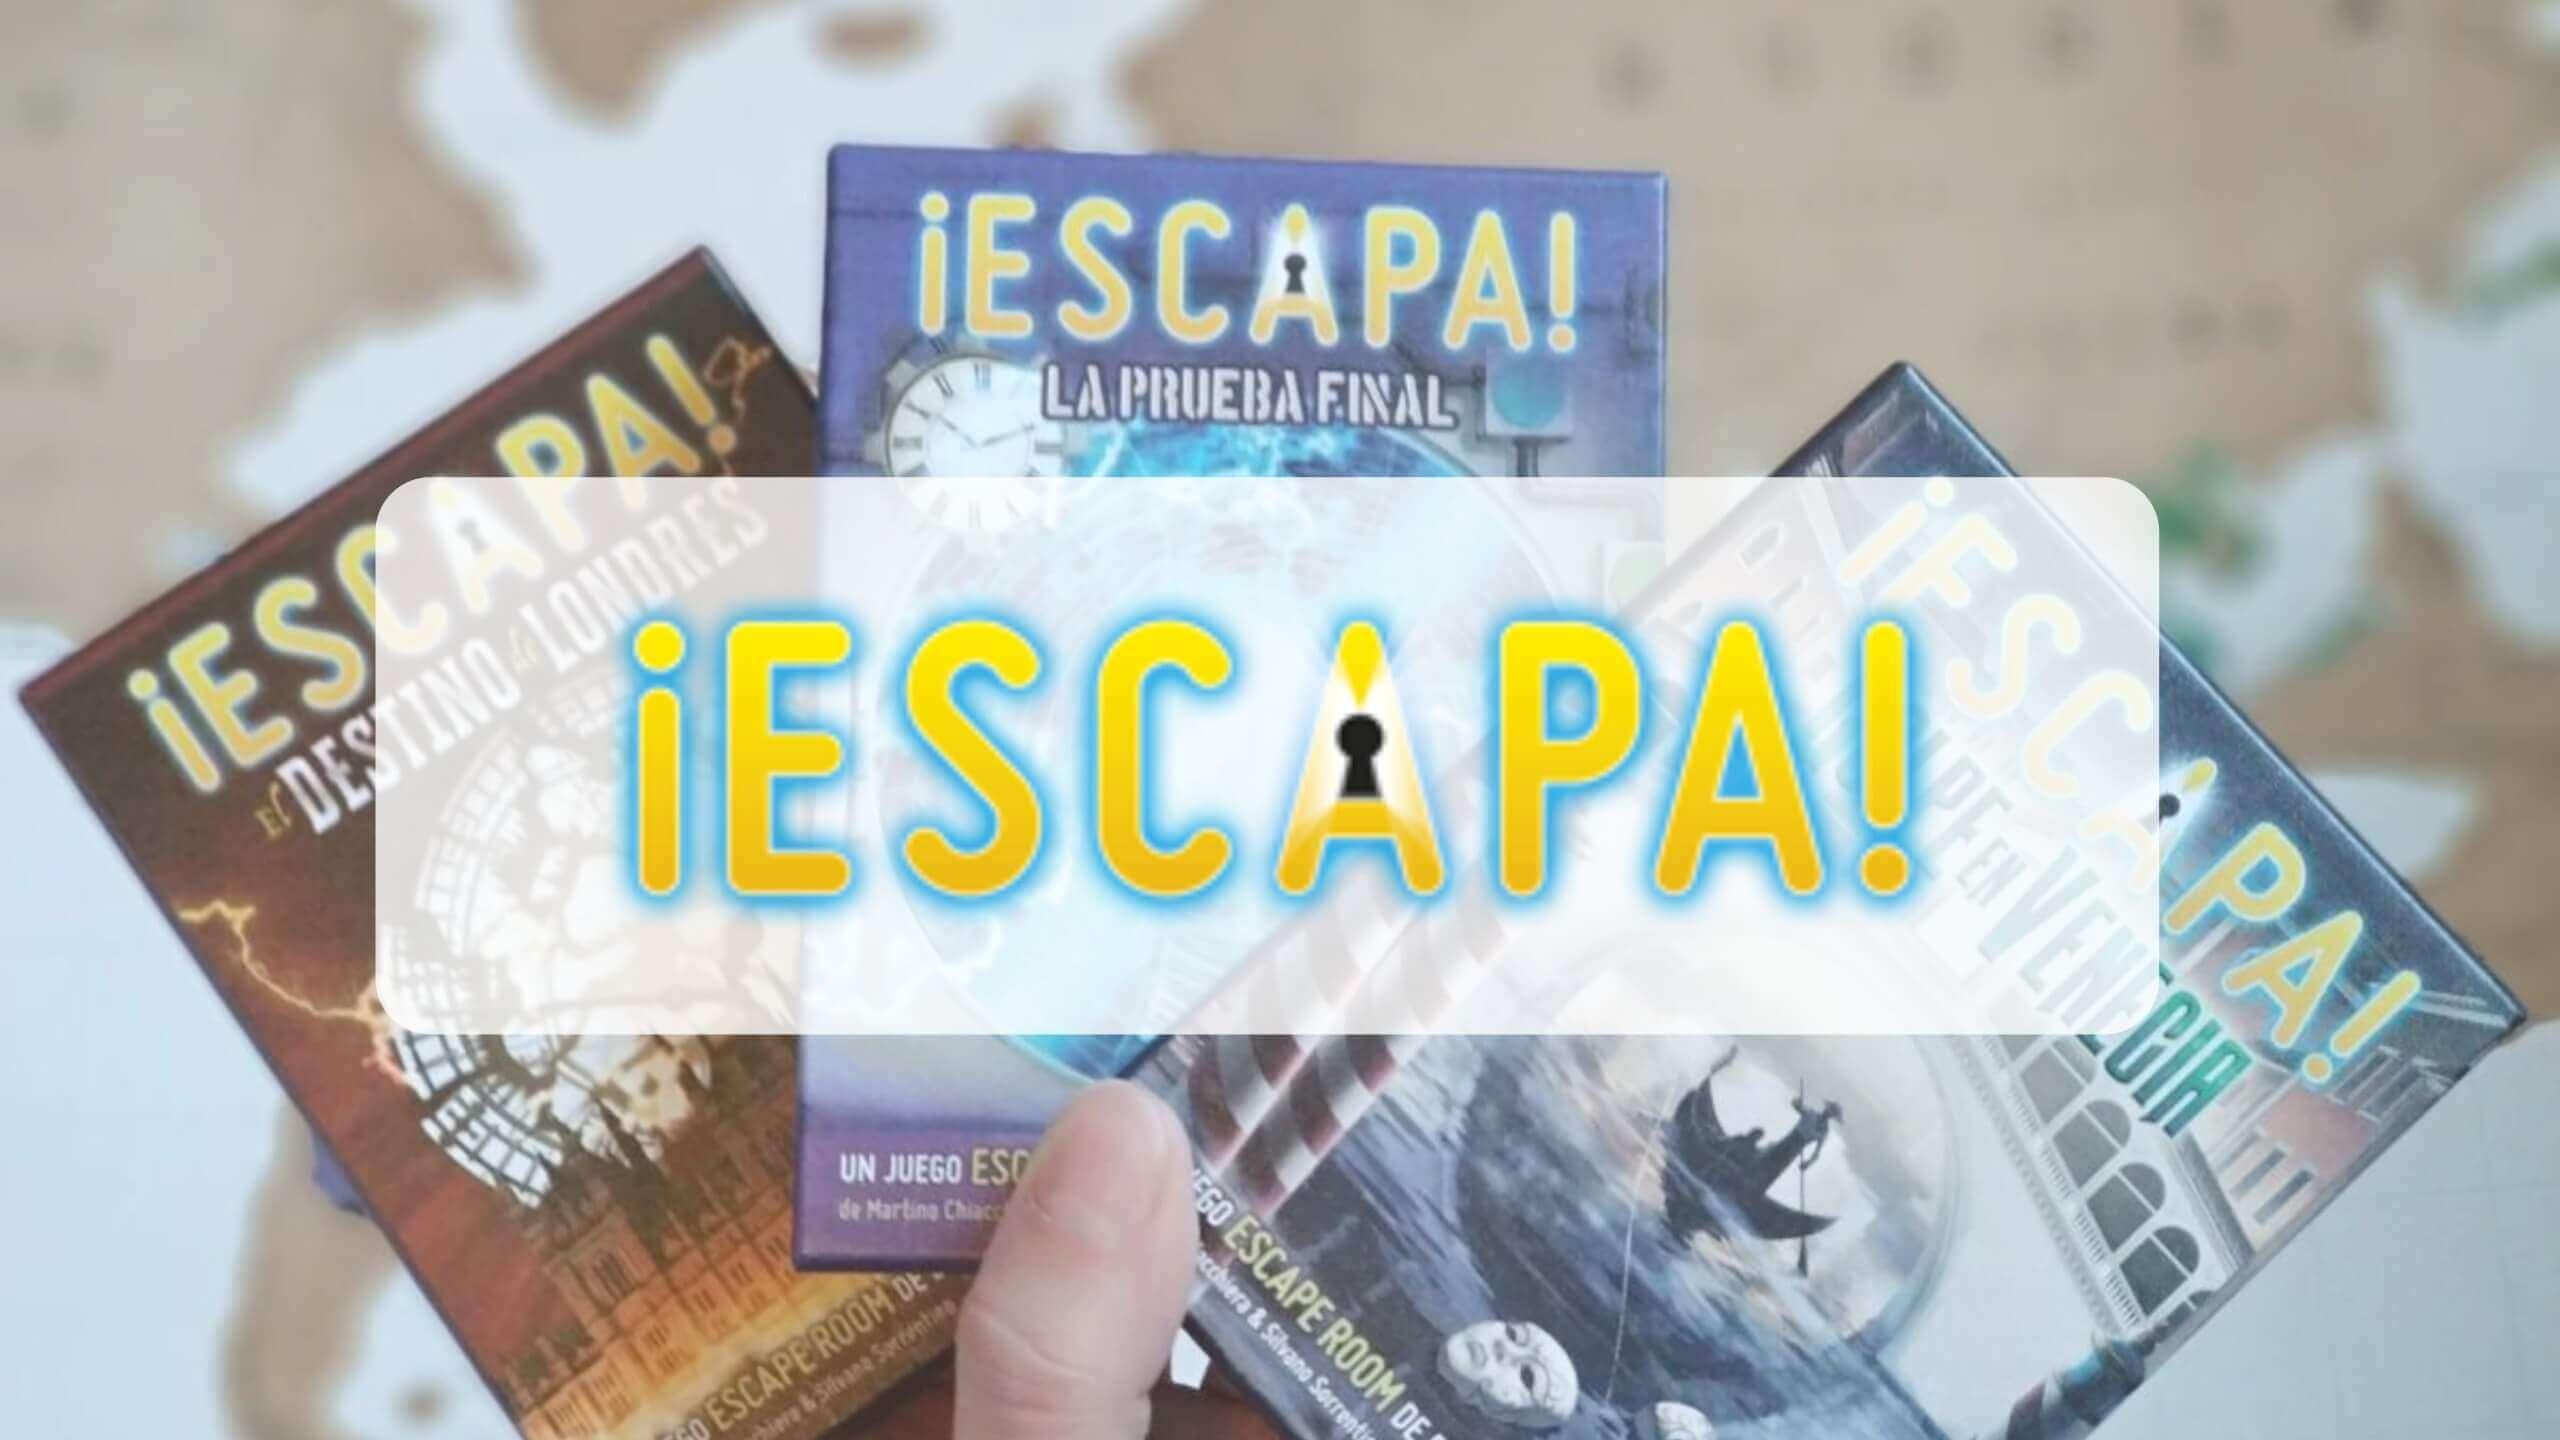 juegos de mesa de Escape Room ¡Escapa! de Mercurio